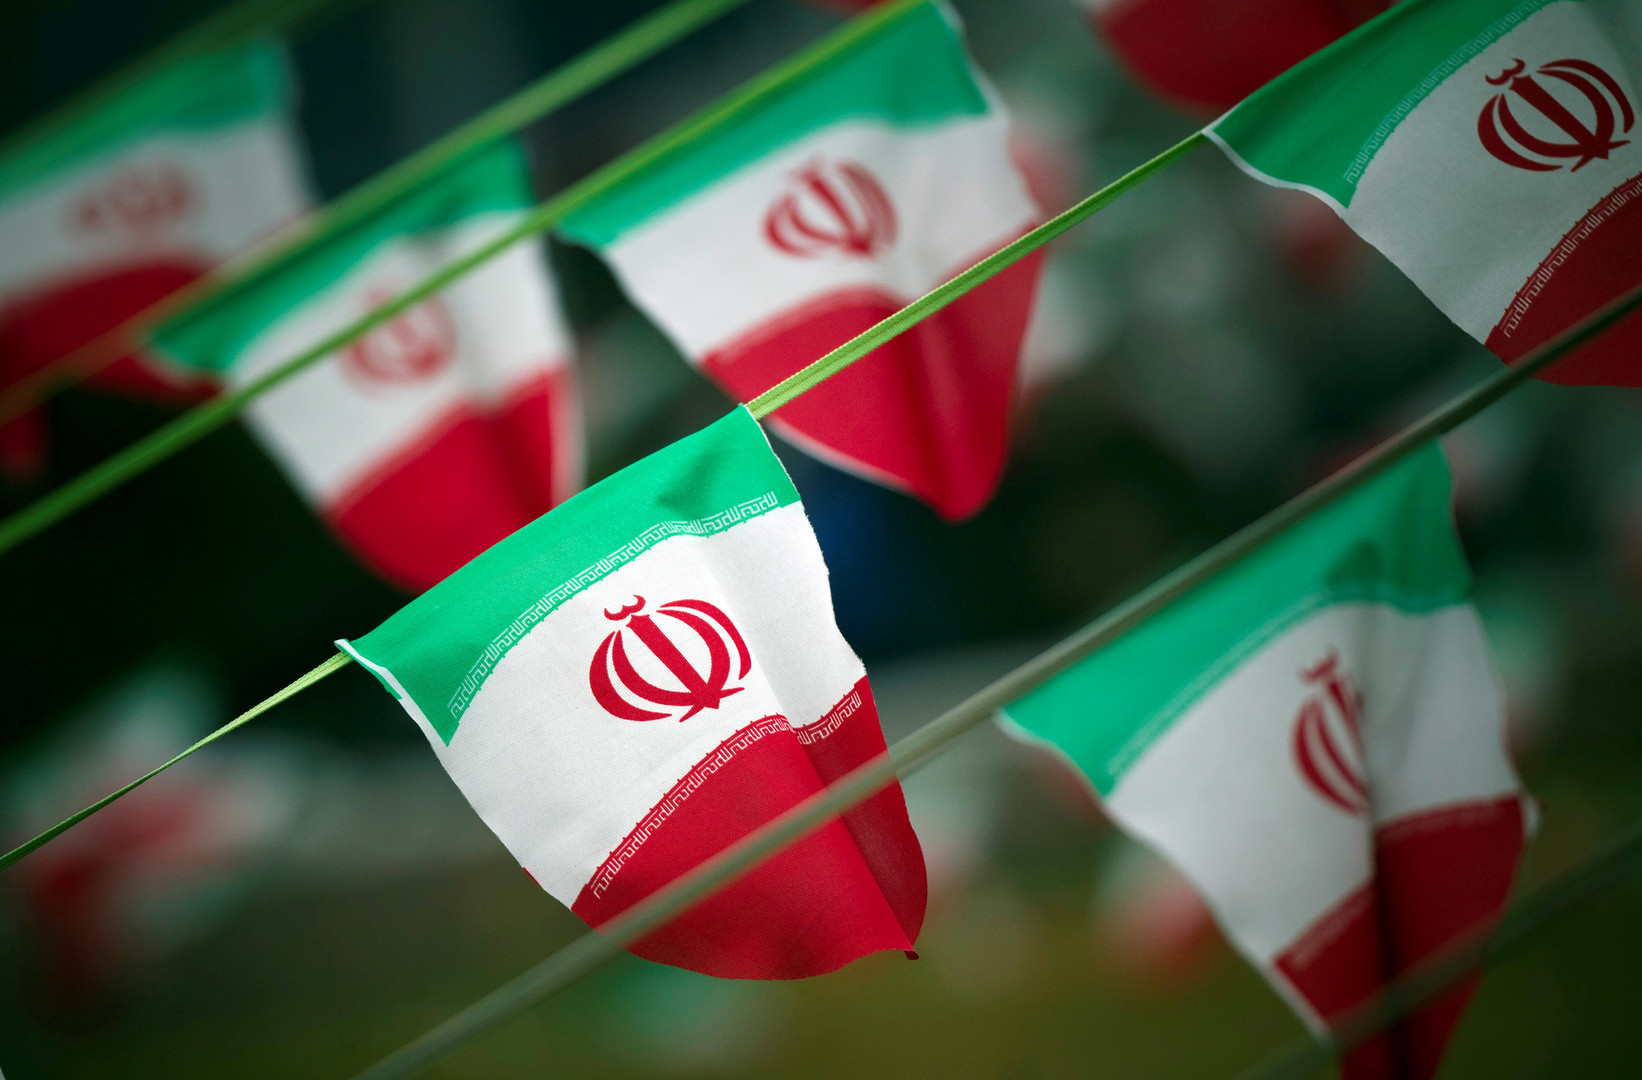 المركزي الإيراني يطرح حلولا لتفعيل آلية التعامل التجاري مع أوروبا